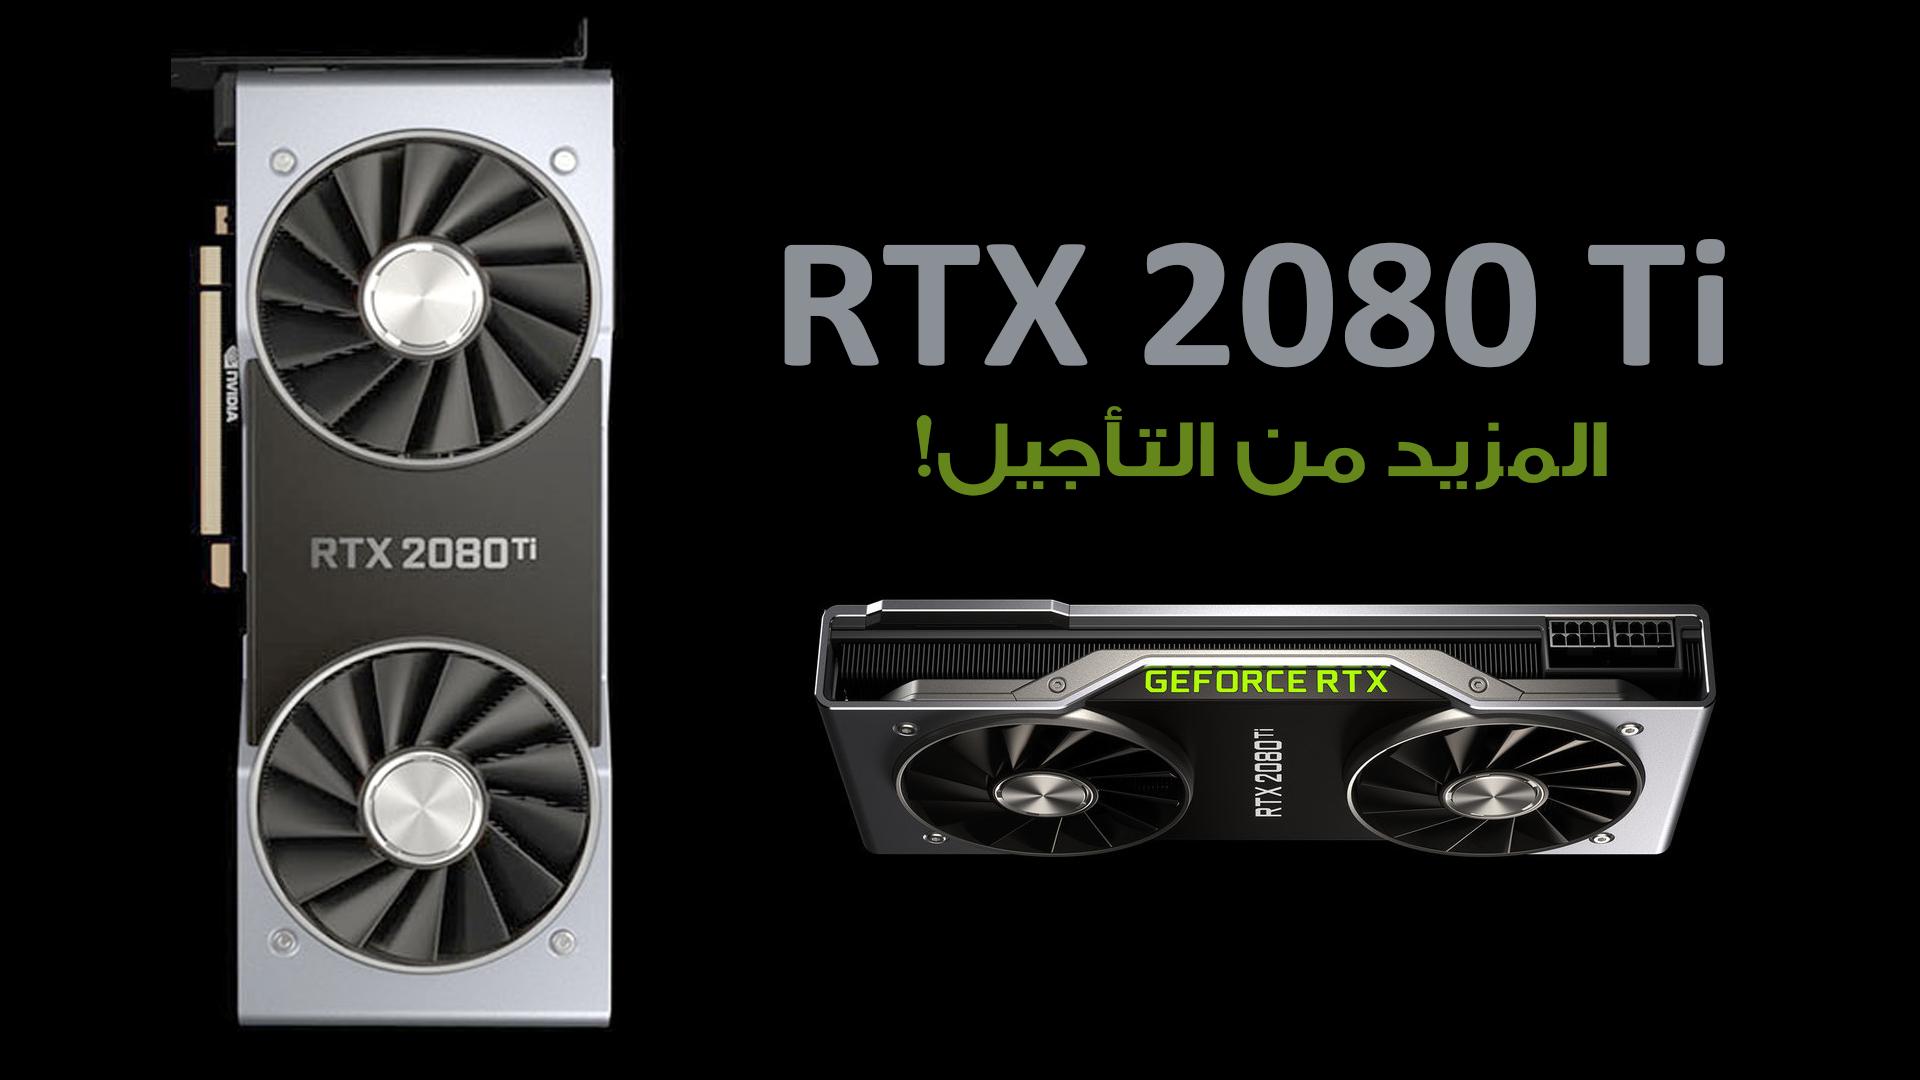 للمرة الثانية انفيديا تؤجل توفر بطاقة RTX 2080 Ti حتى 5-9 أكتوبر